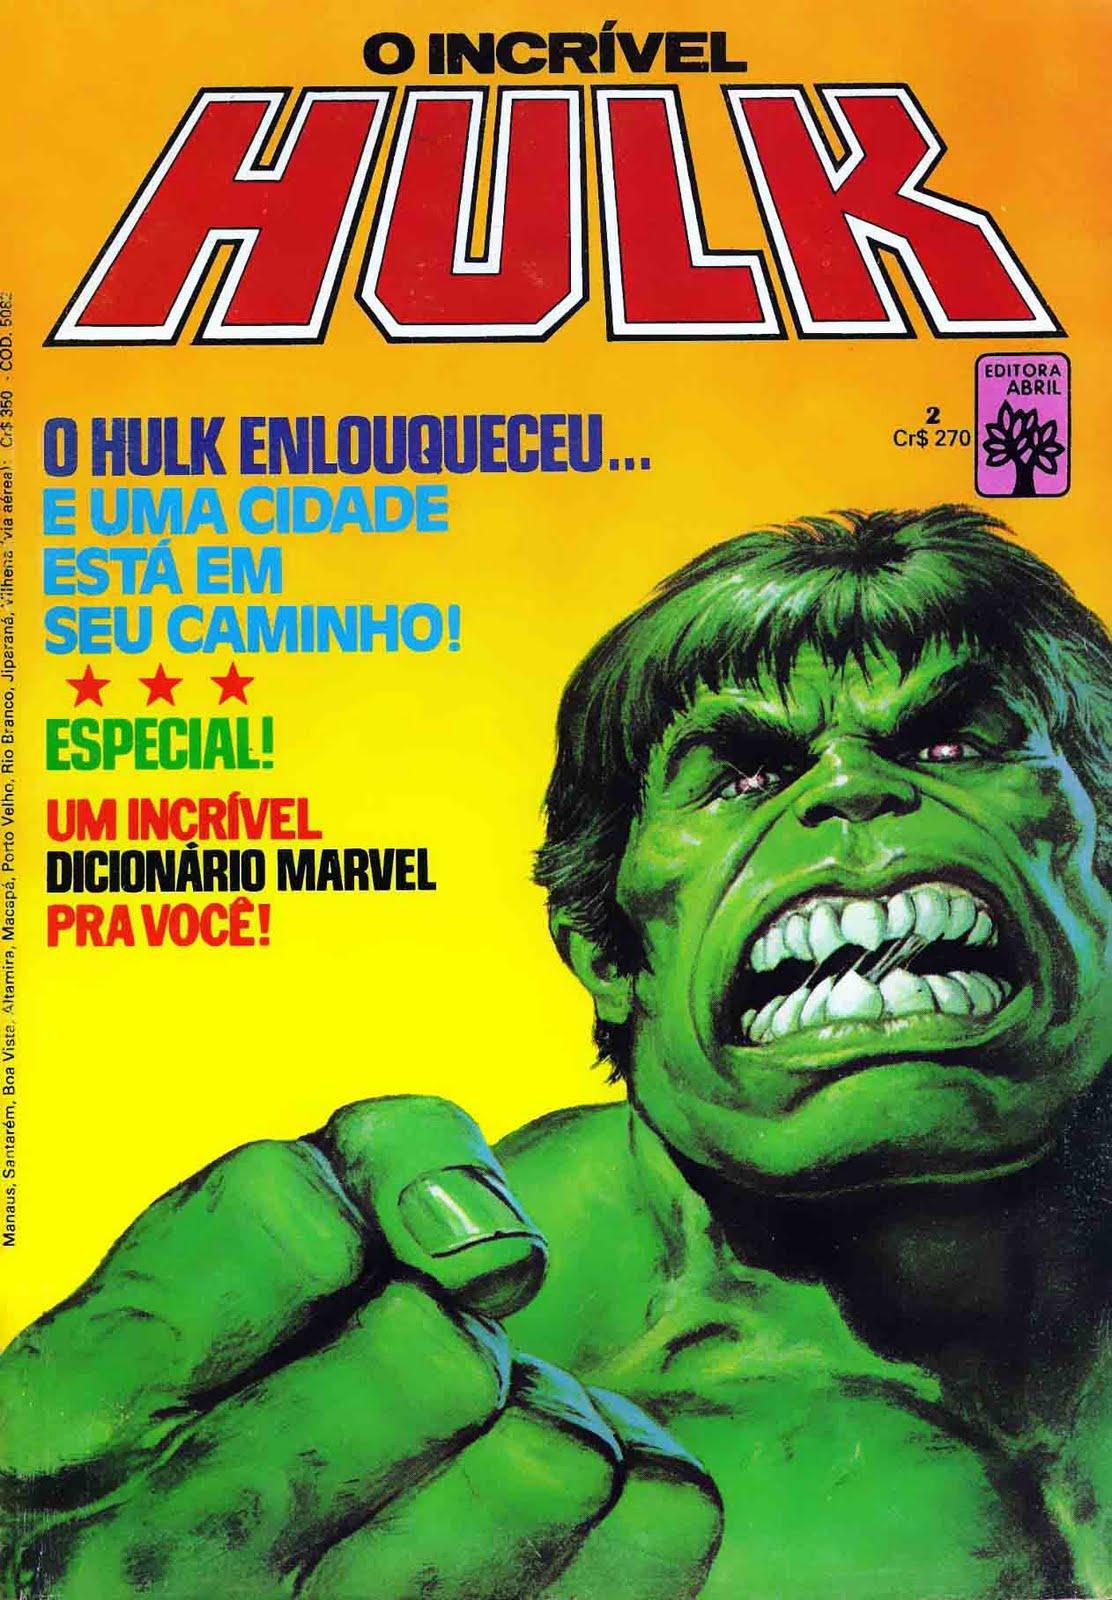 Incrivel Hulck Ele rock & quadrinhos scans: o incrÍvel hulk 1,2 e 3(ed.abril)